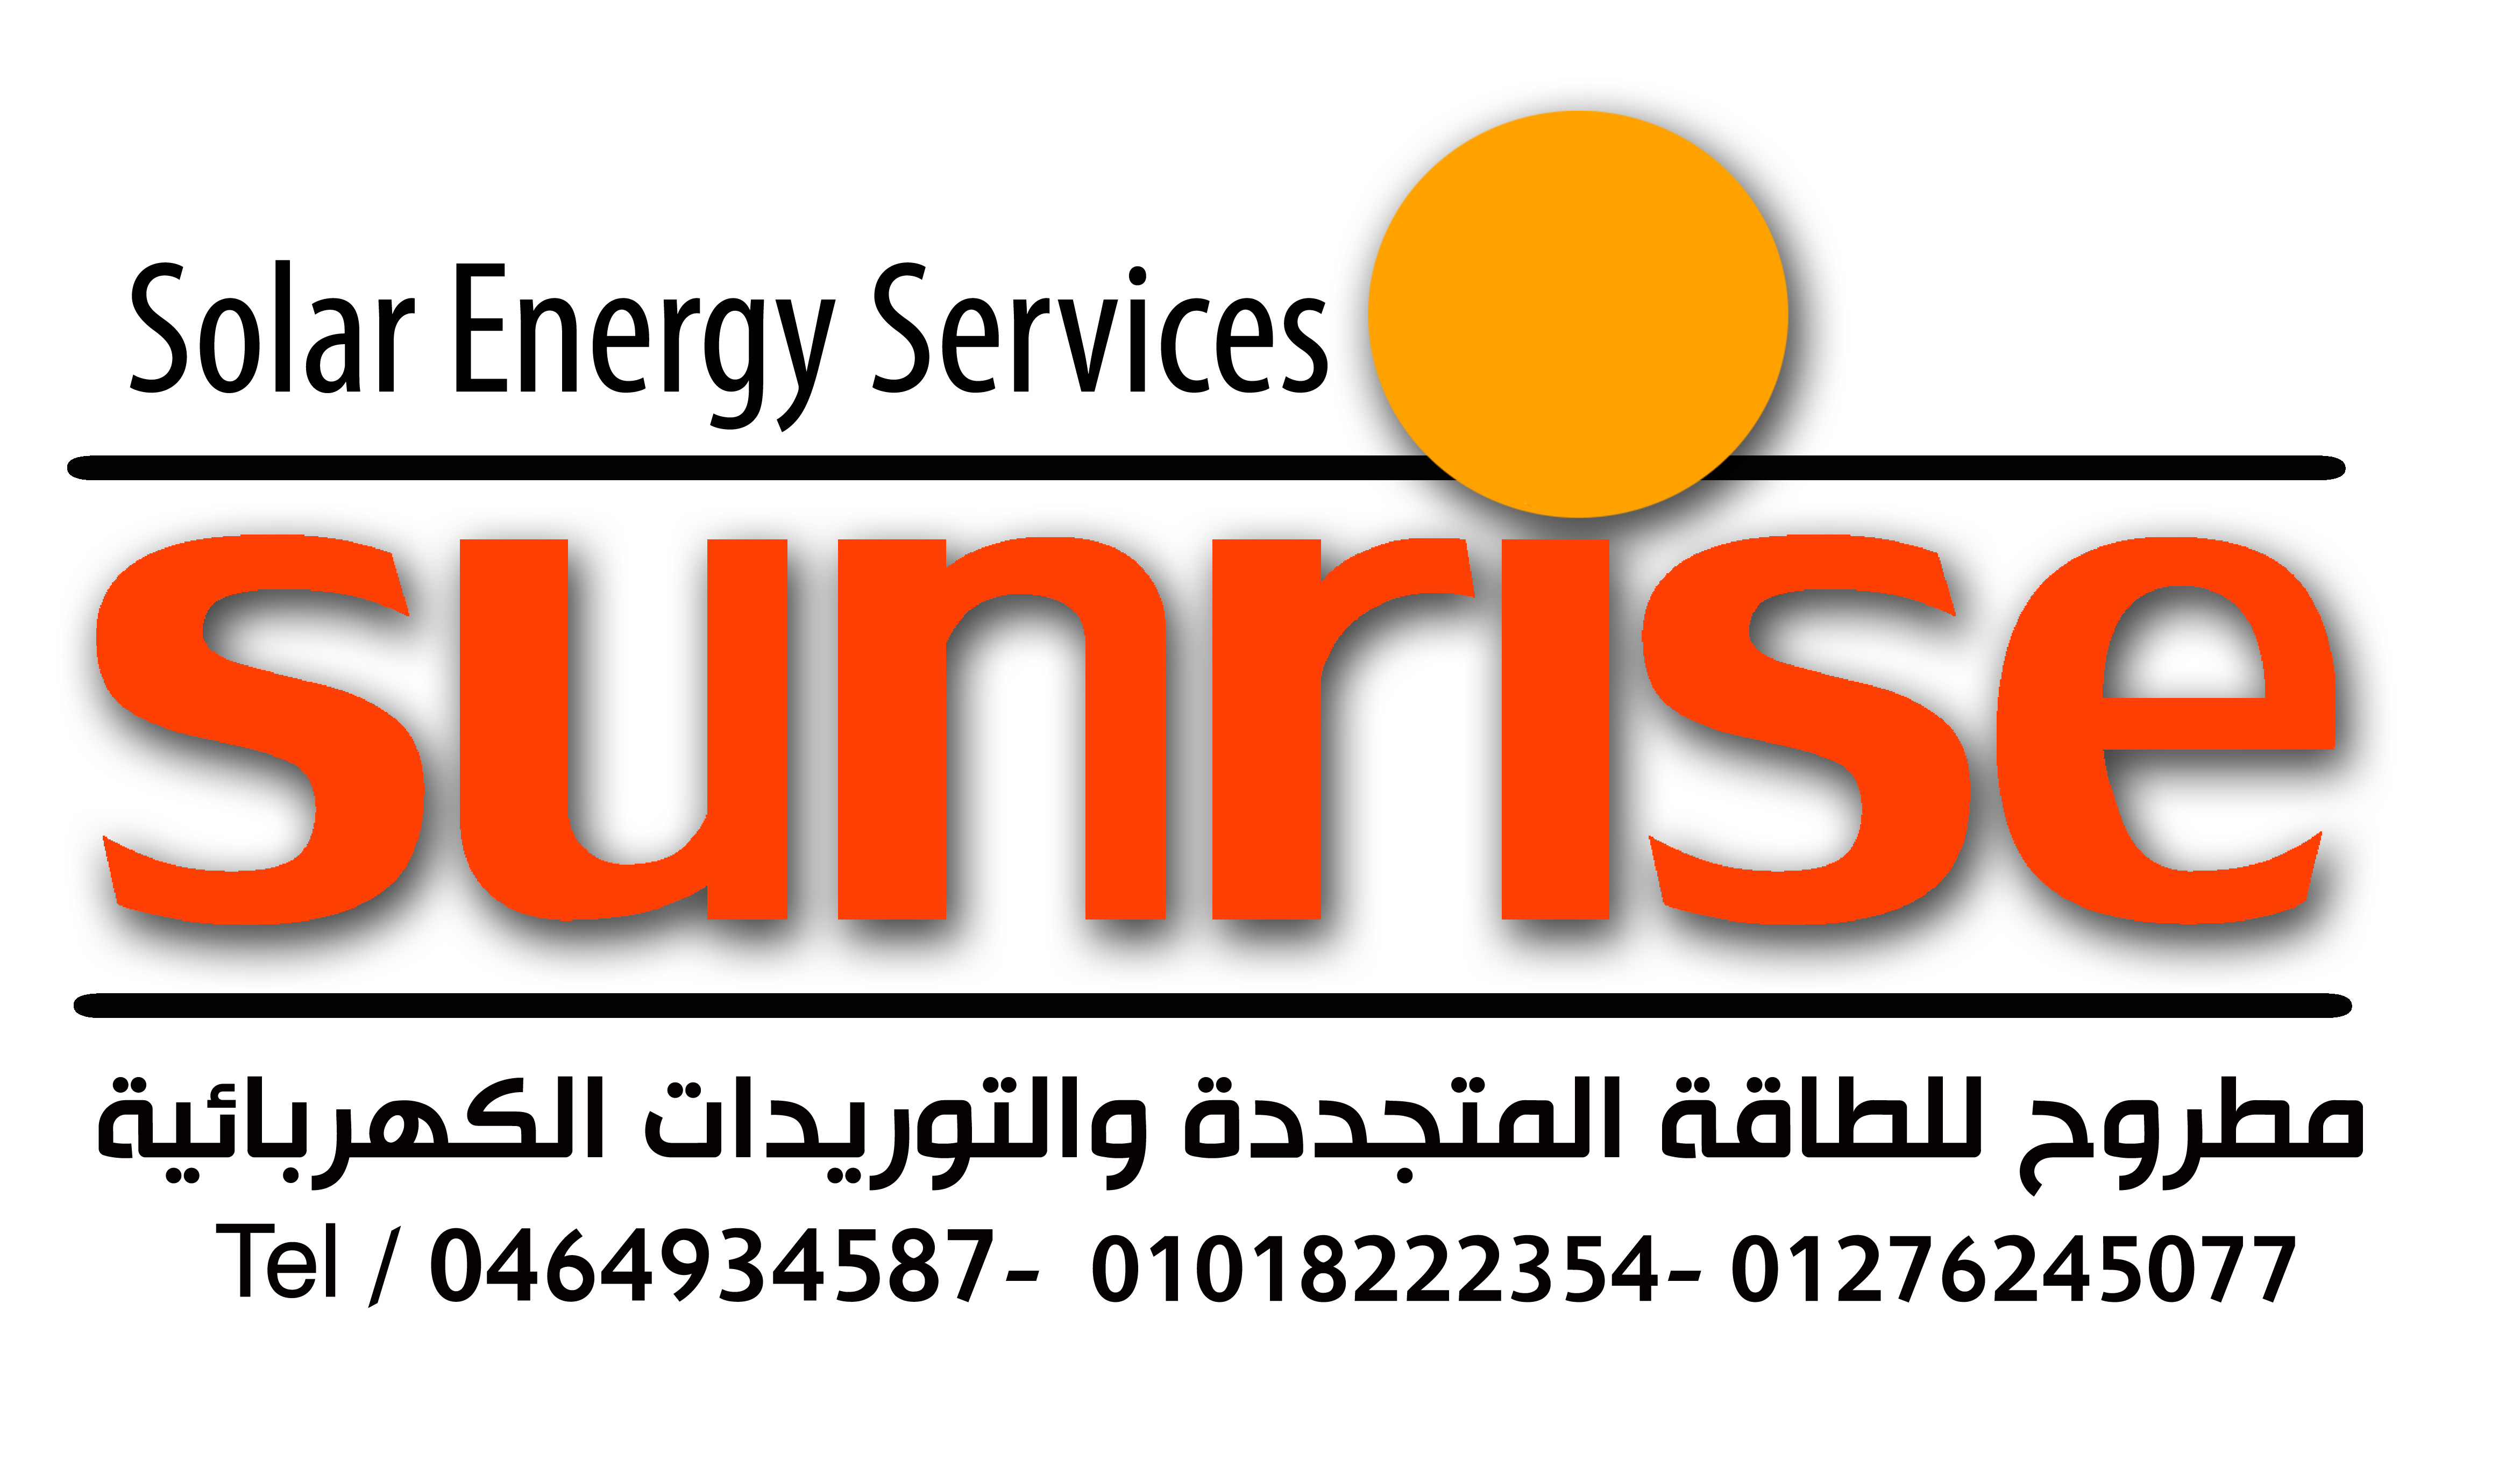 صن رايس مطروح للطاقة المتجددة